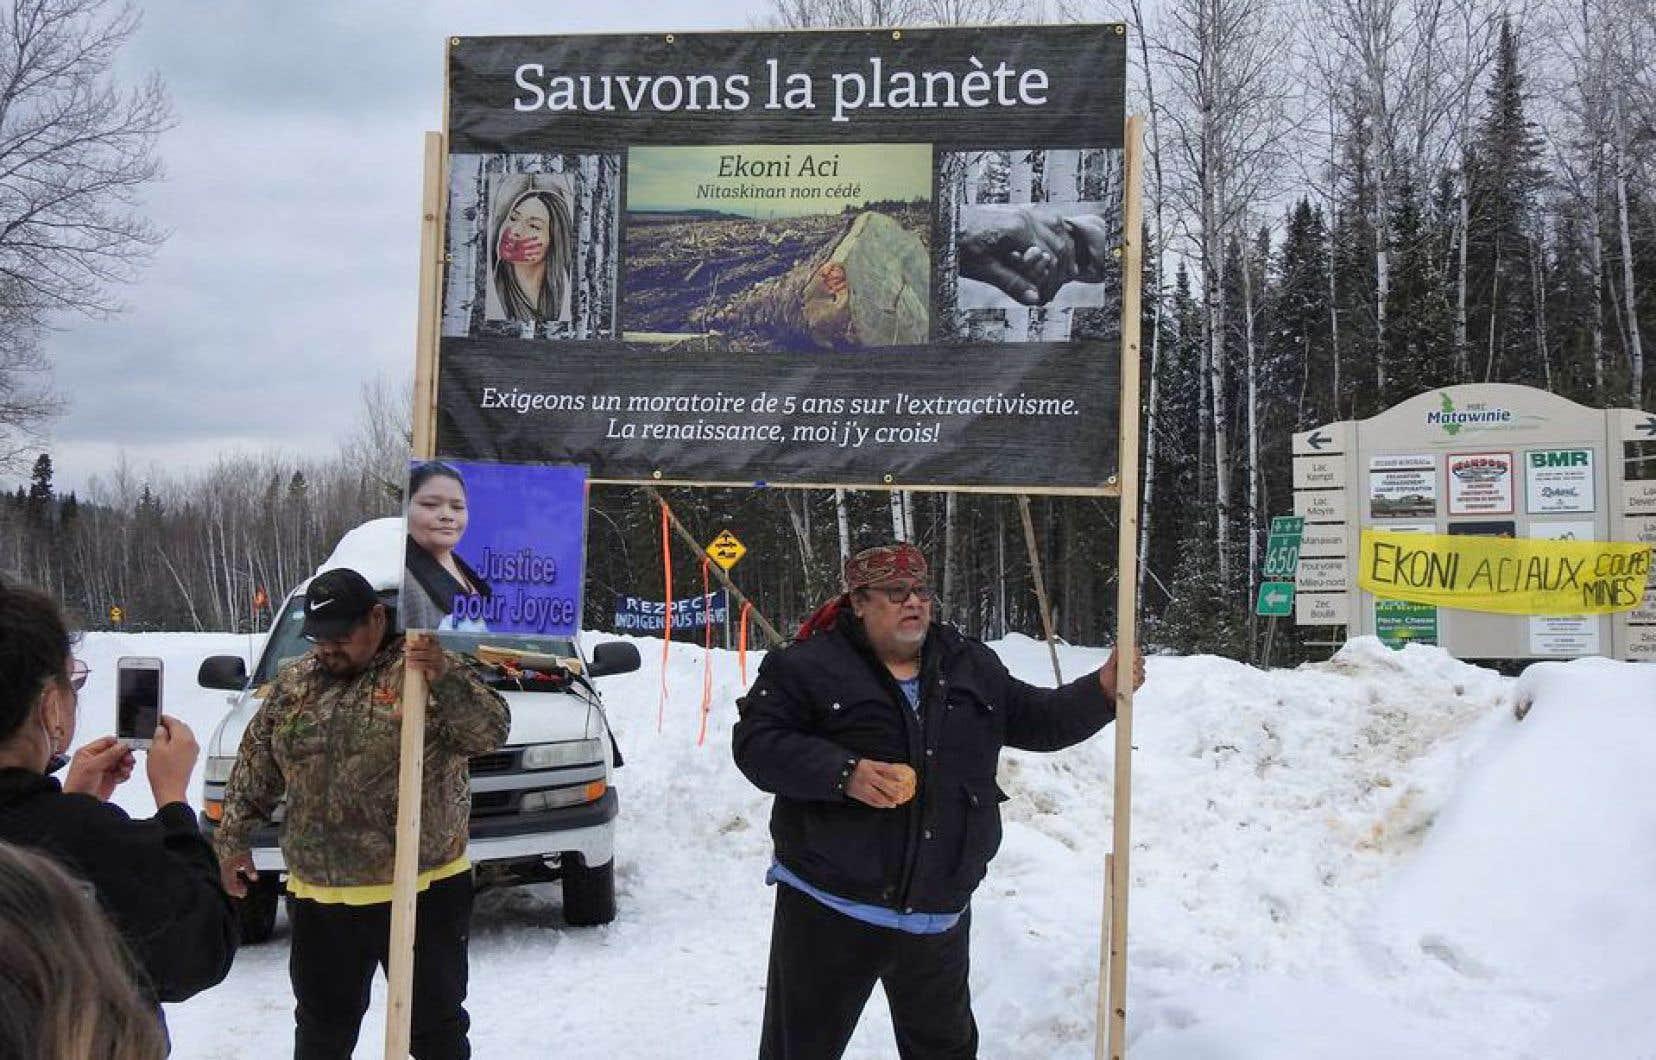 «Depuis quelques jours, un groupe composé d'autochtones et d'allochtones a pris l'initiative de bloquer la route entre Saint-Michel-des-Saints et Manawan, afin de marquer son opposition à ce projet minier ainsi qu'aux coupes forestières en territoire atikamekw», écrit l'auteur.